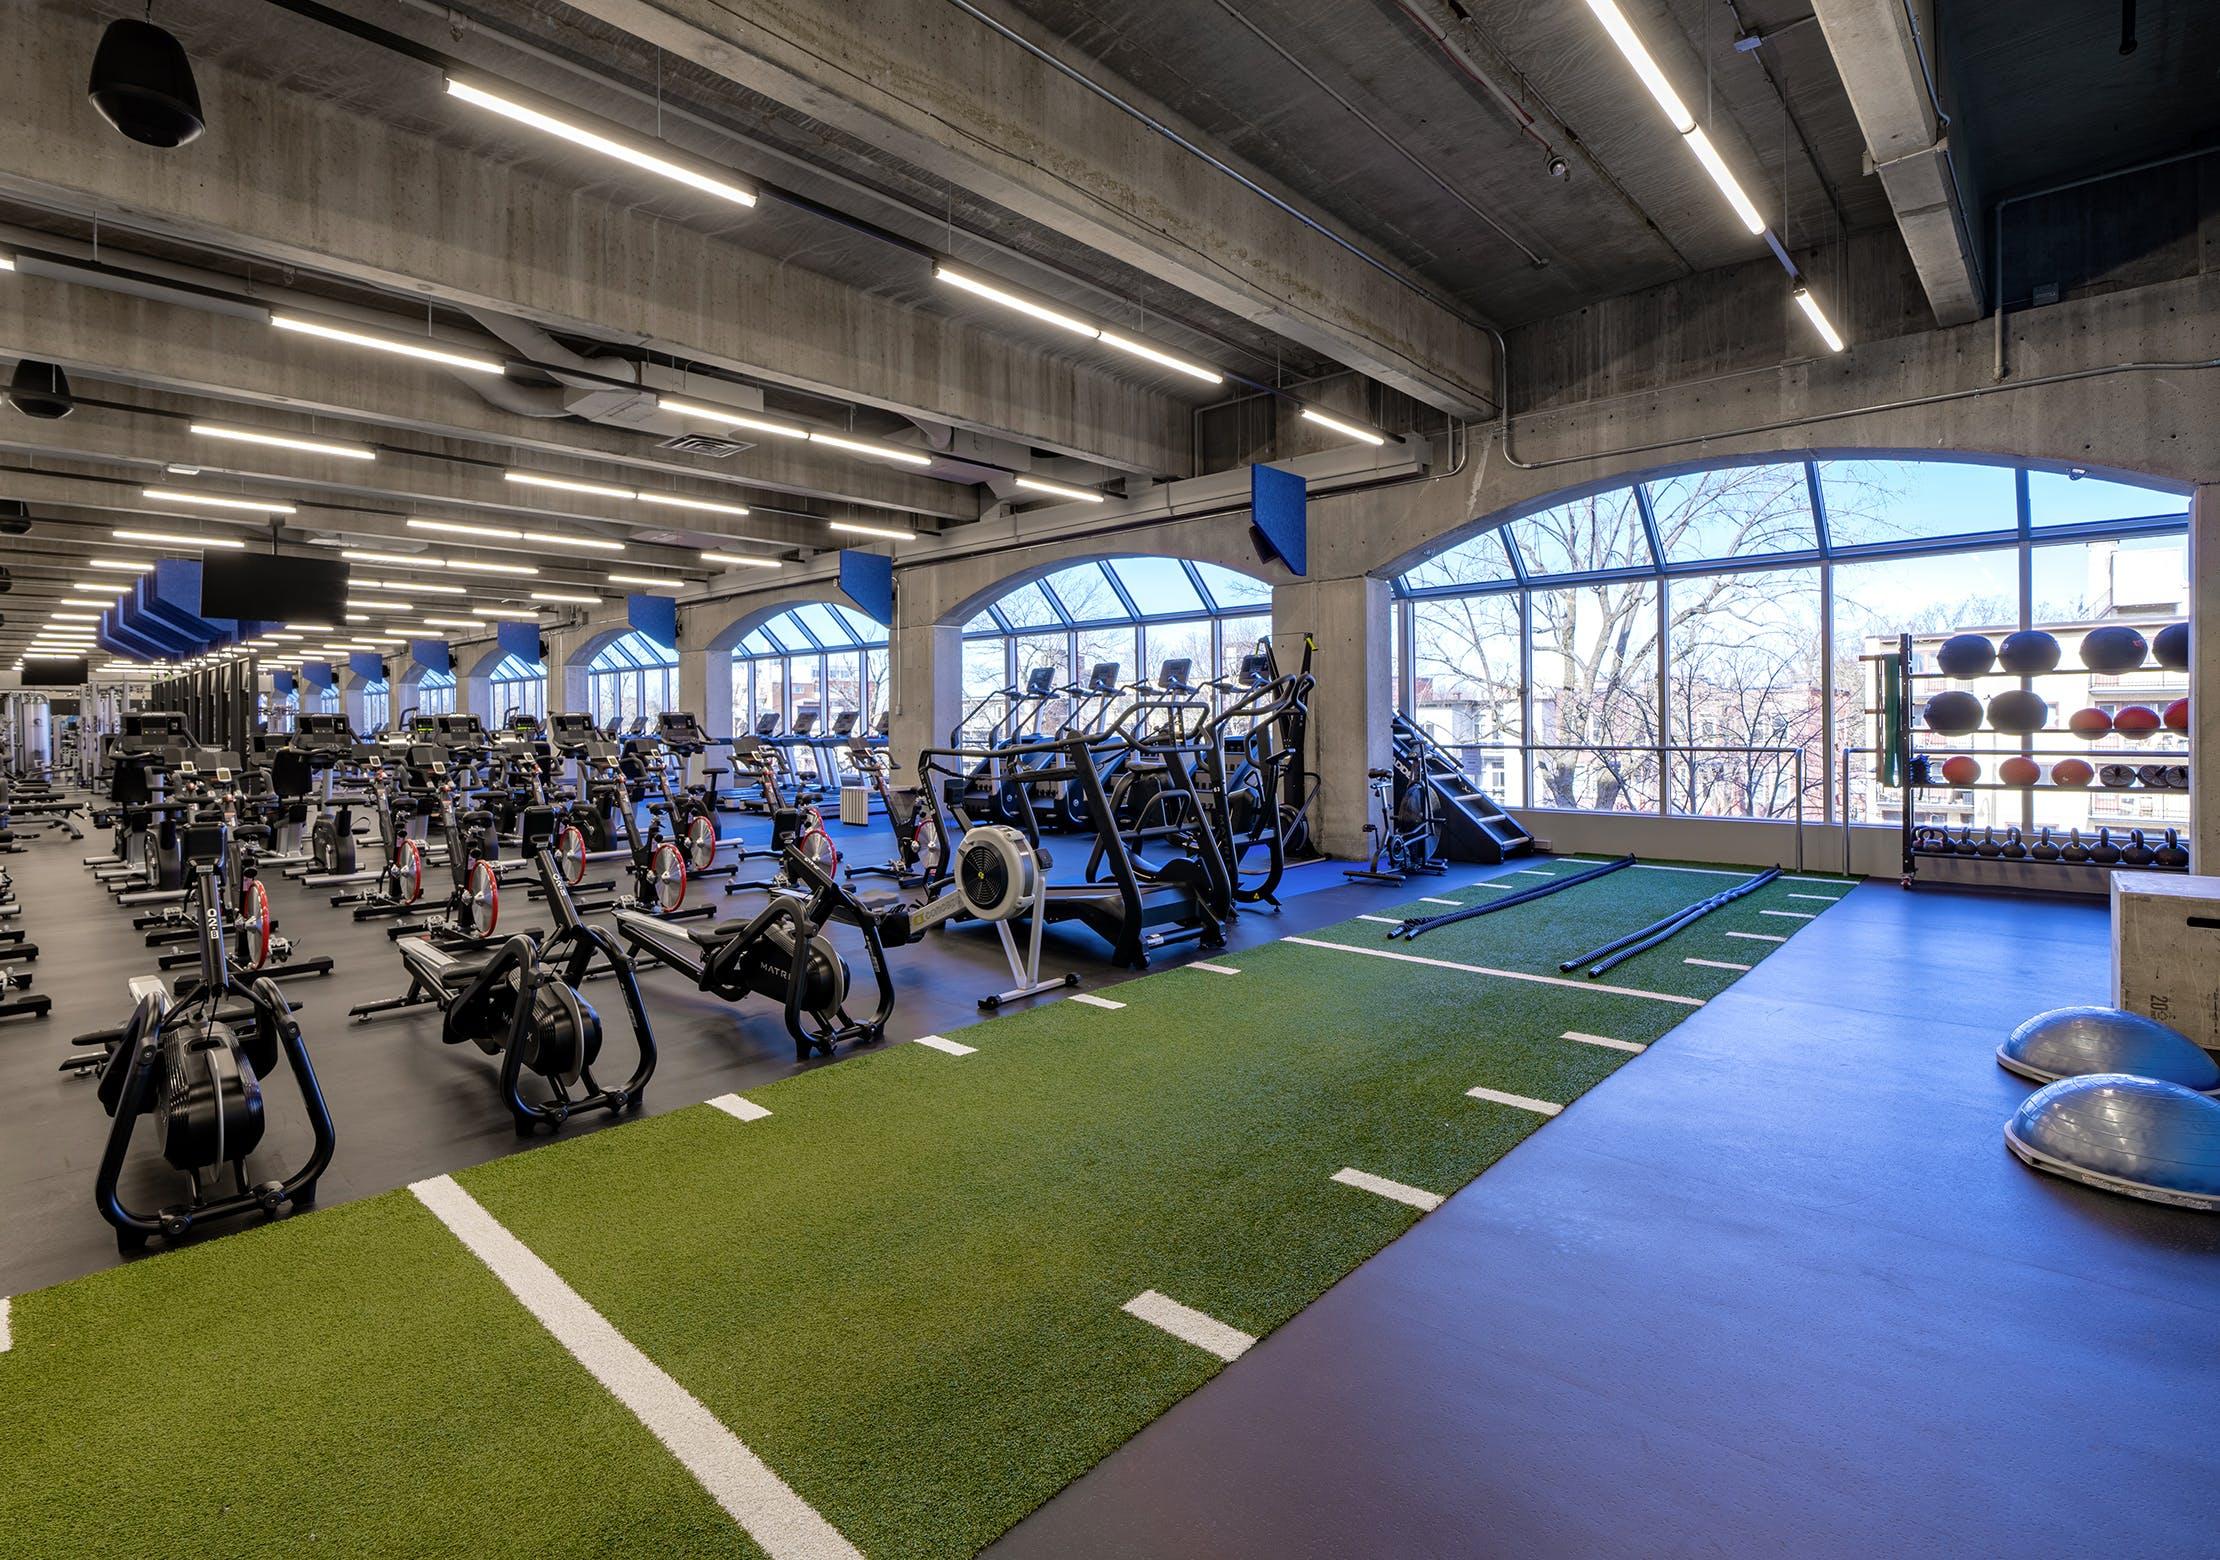 Salle d'entrainement - Zone d'entrainement fonctionnel | CEPSUM